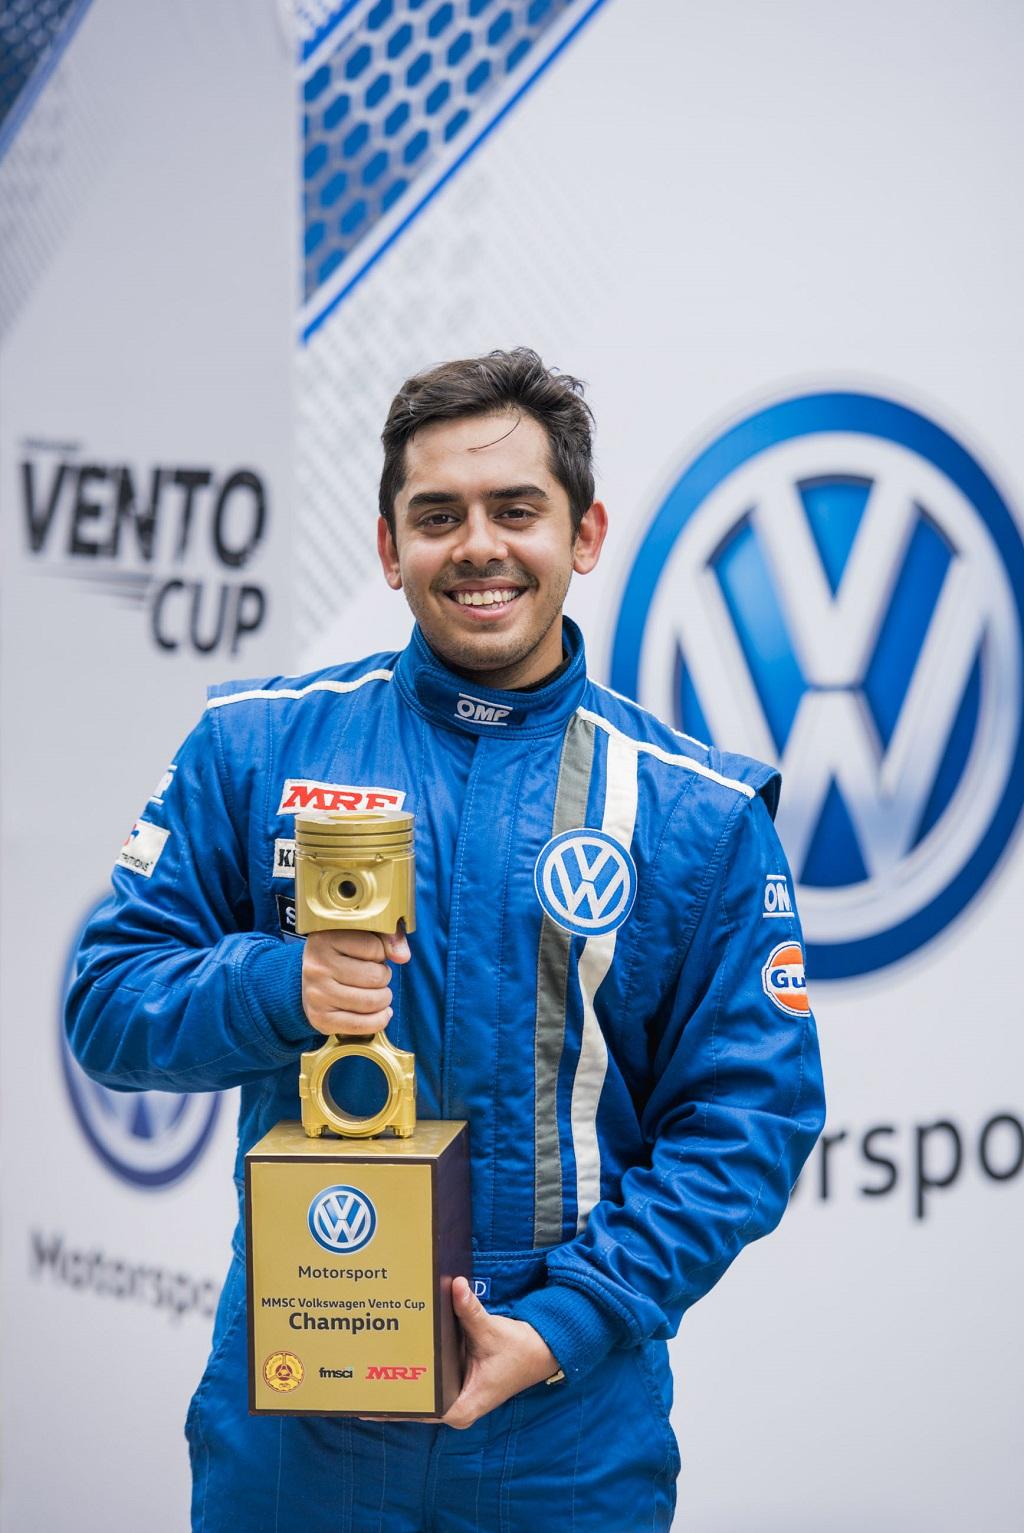 ishaan-dodhiwala-the-volkswagen-vento-cup-2016-winner